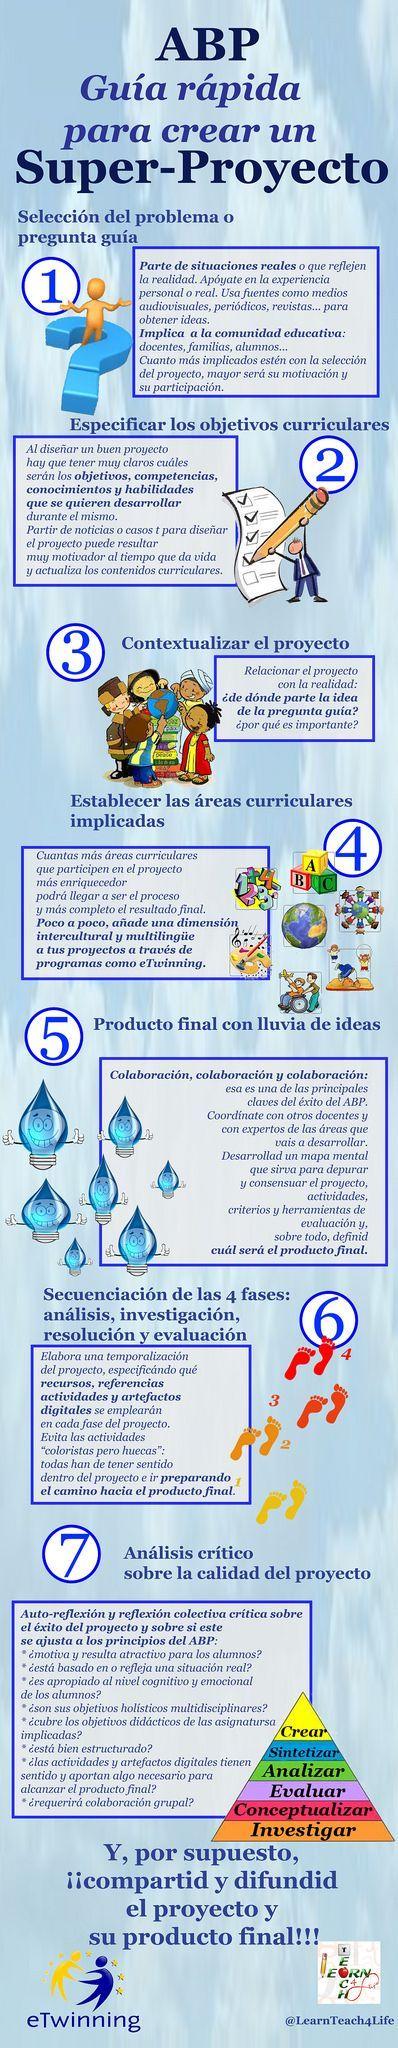 Aprendizaje por Proyectos - Guía Rápida y Plantilla de Implementación | #Artículo #Educación